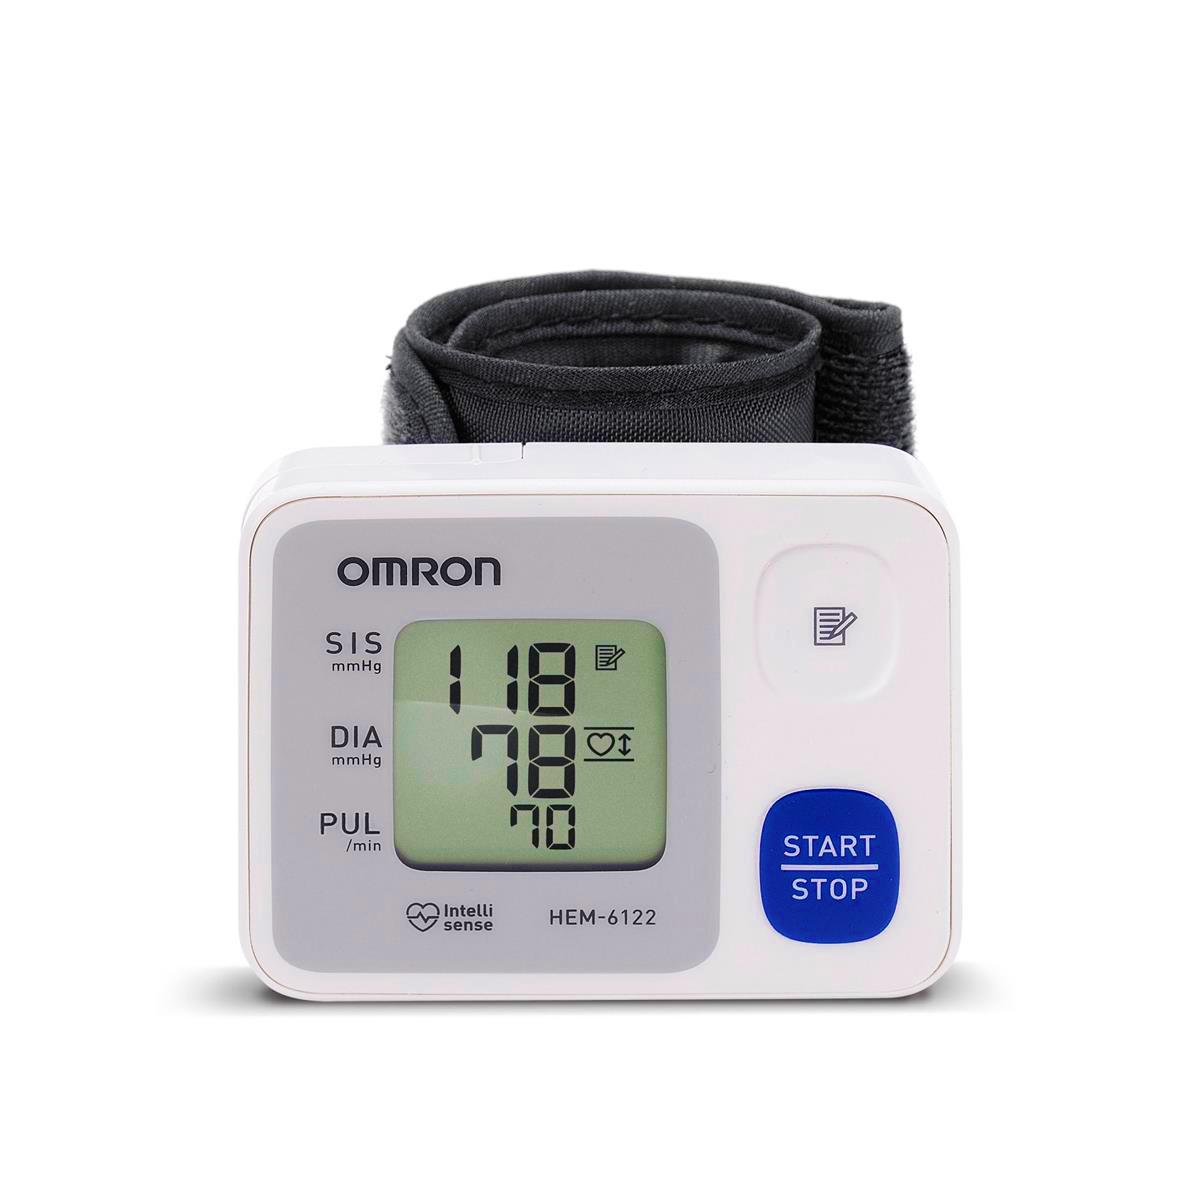 c20dc4b63 Aparelho Medidor de Pressão Digital Automático de Pulso HEM-6122 Omron